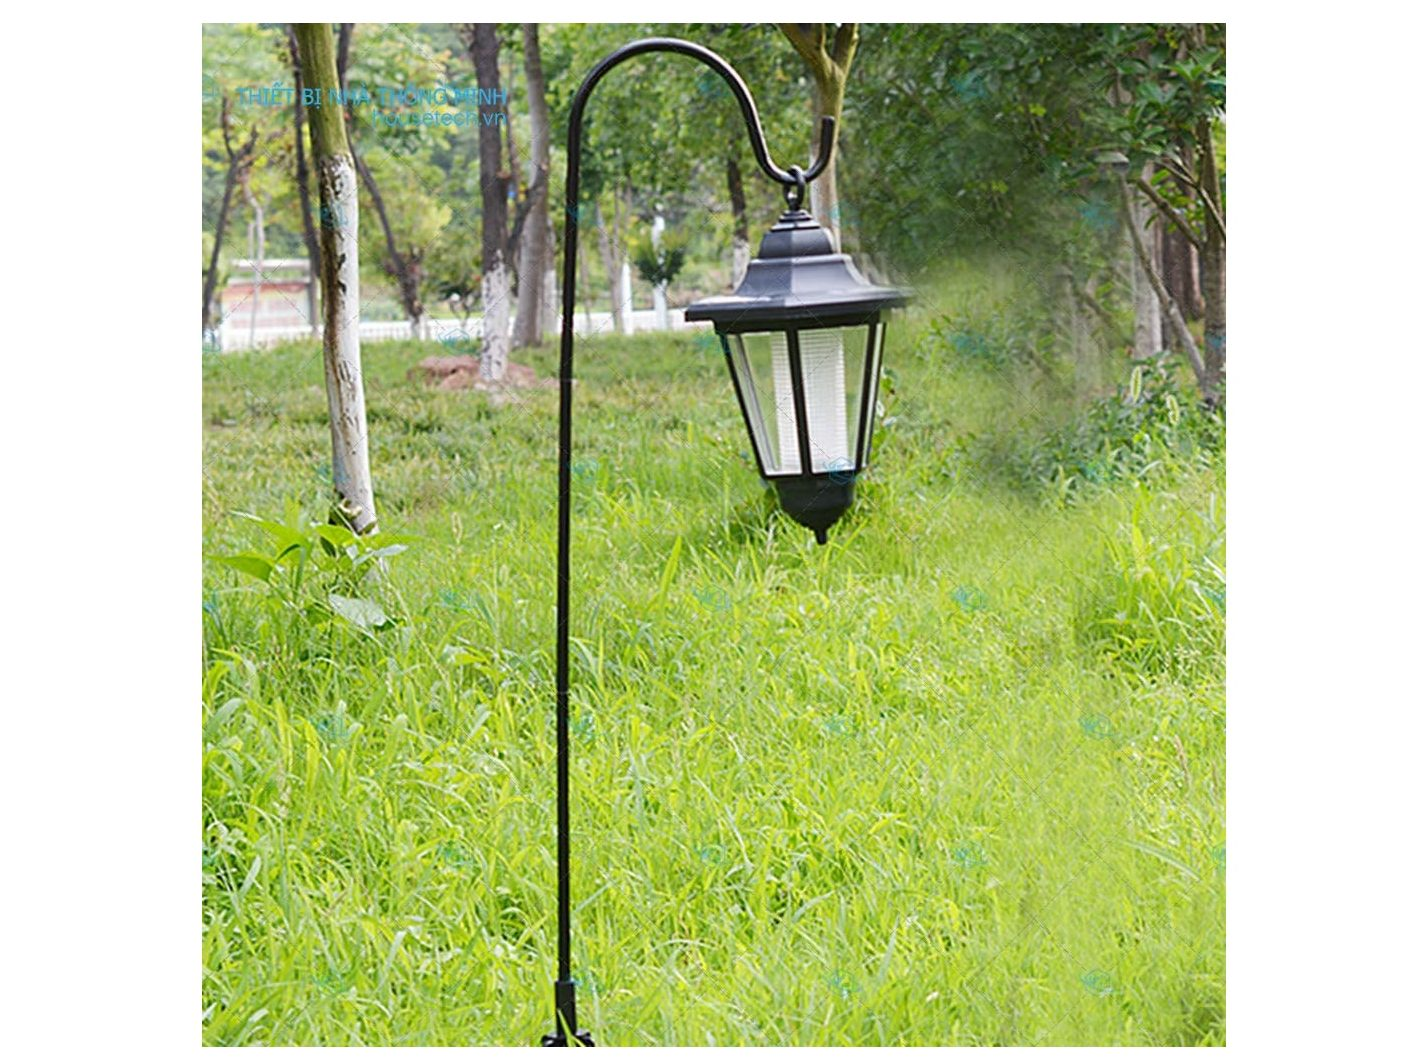 Đèn vườn năng lượng mặt trời giá rẻ Hà Nội